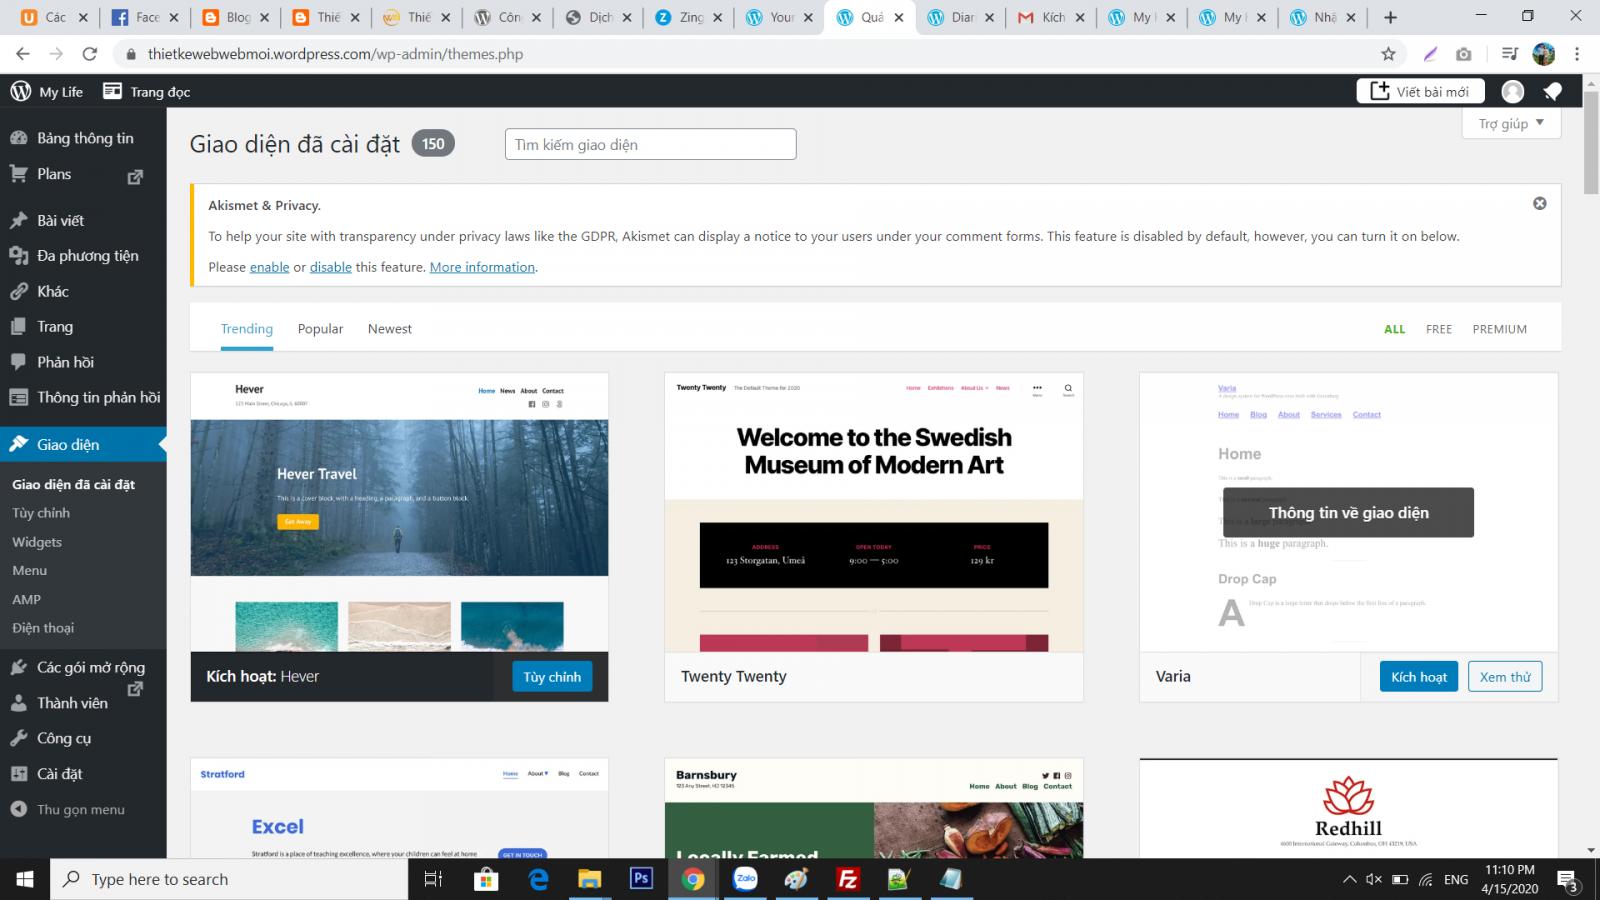 Tạo blog với wordpress.com - Các thao tác cấu hình Wordpress